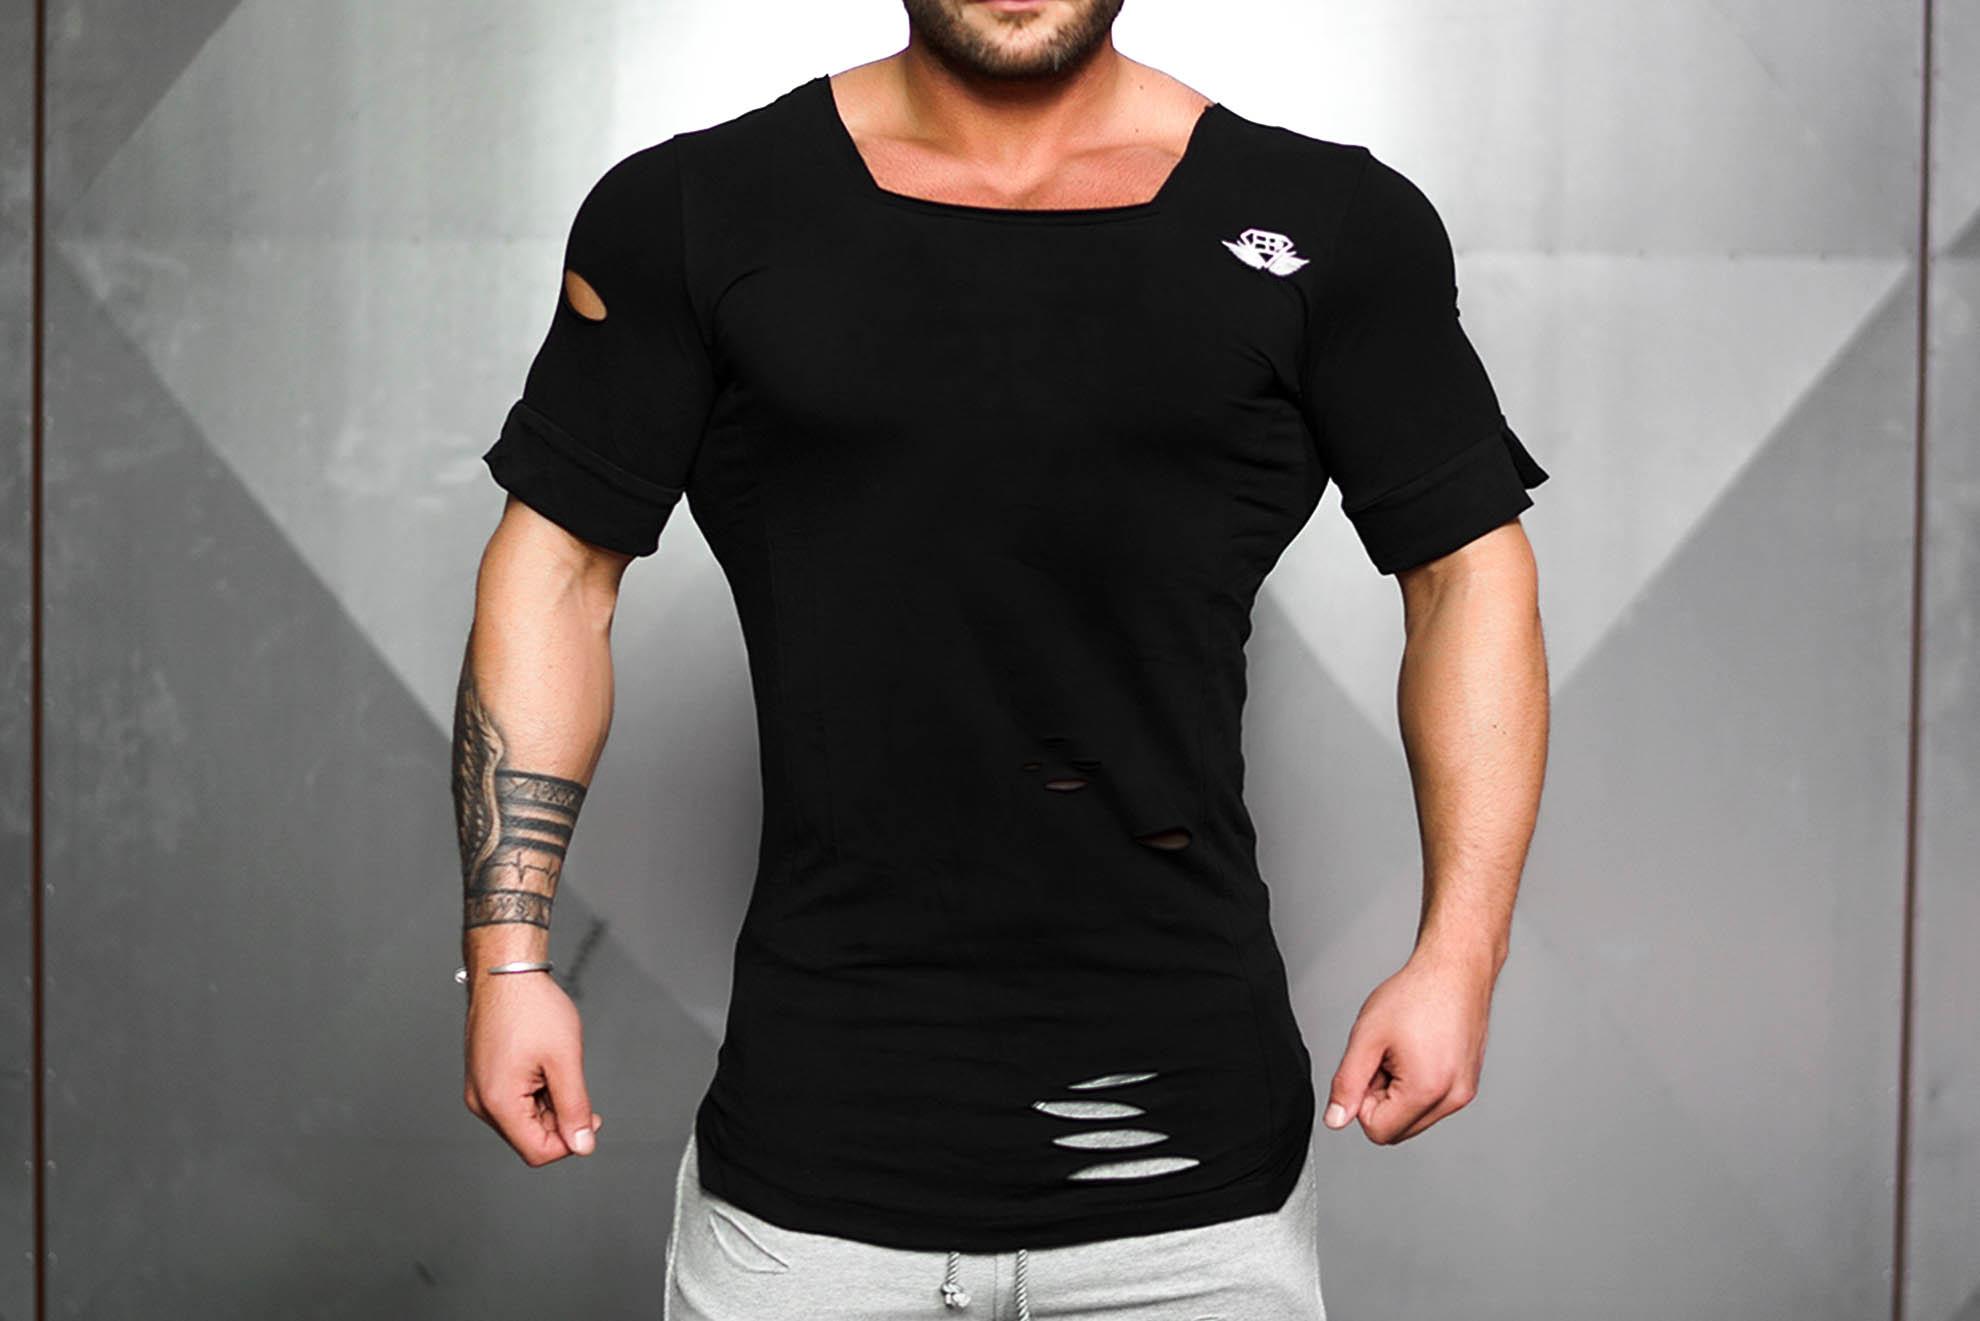 Мужские футболки: виды, материалы